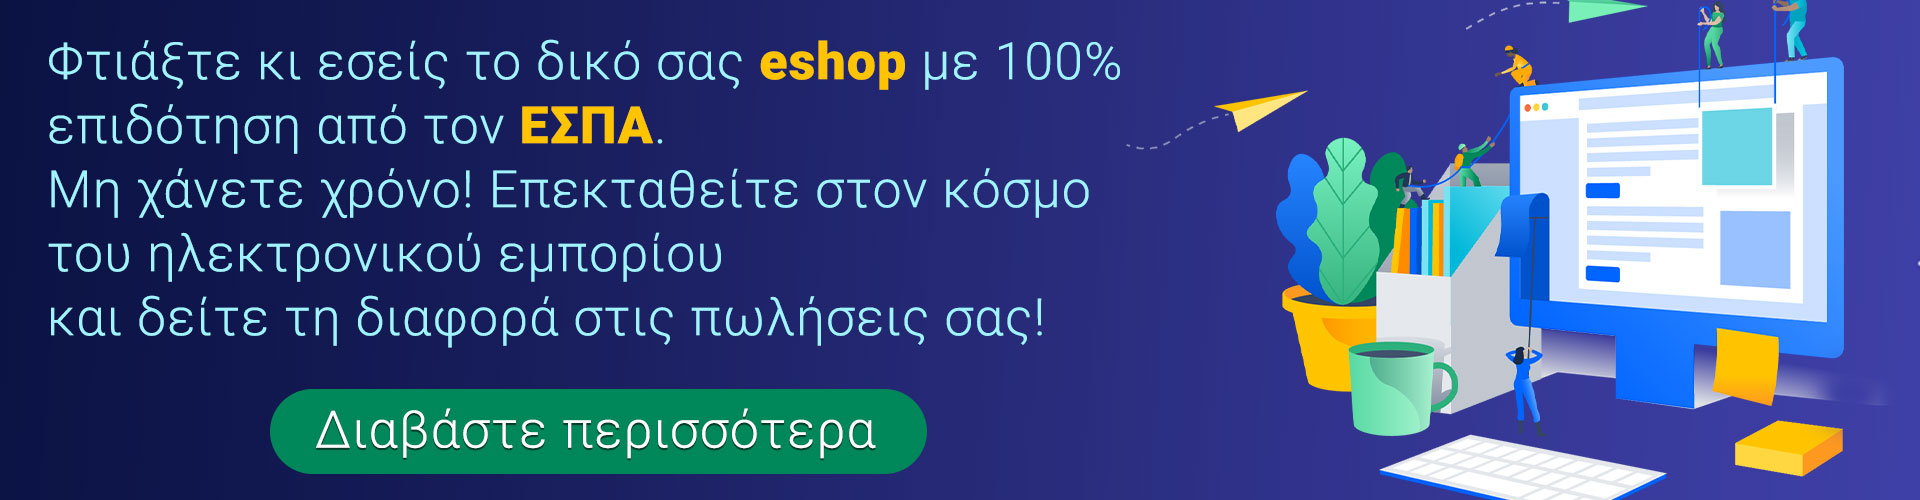 ΕΣΠΑ Επιδότηση 5000€ για Eshop 2021